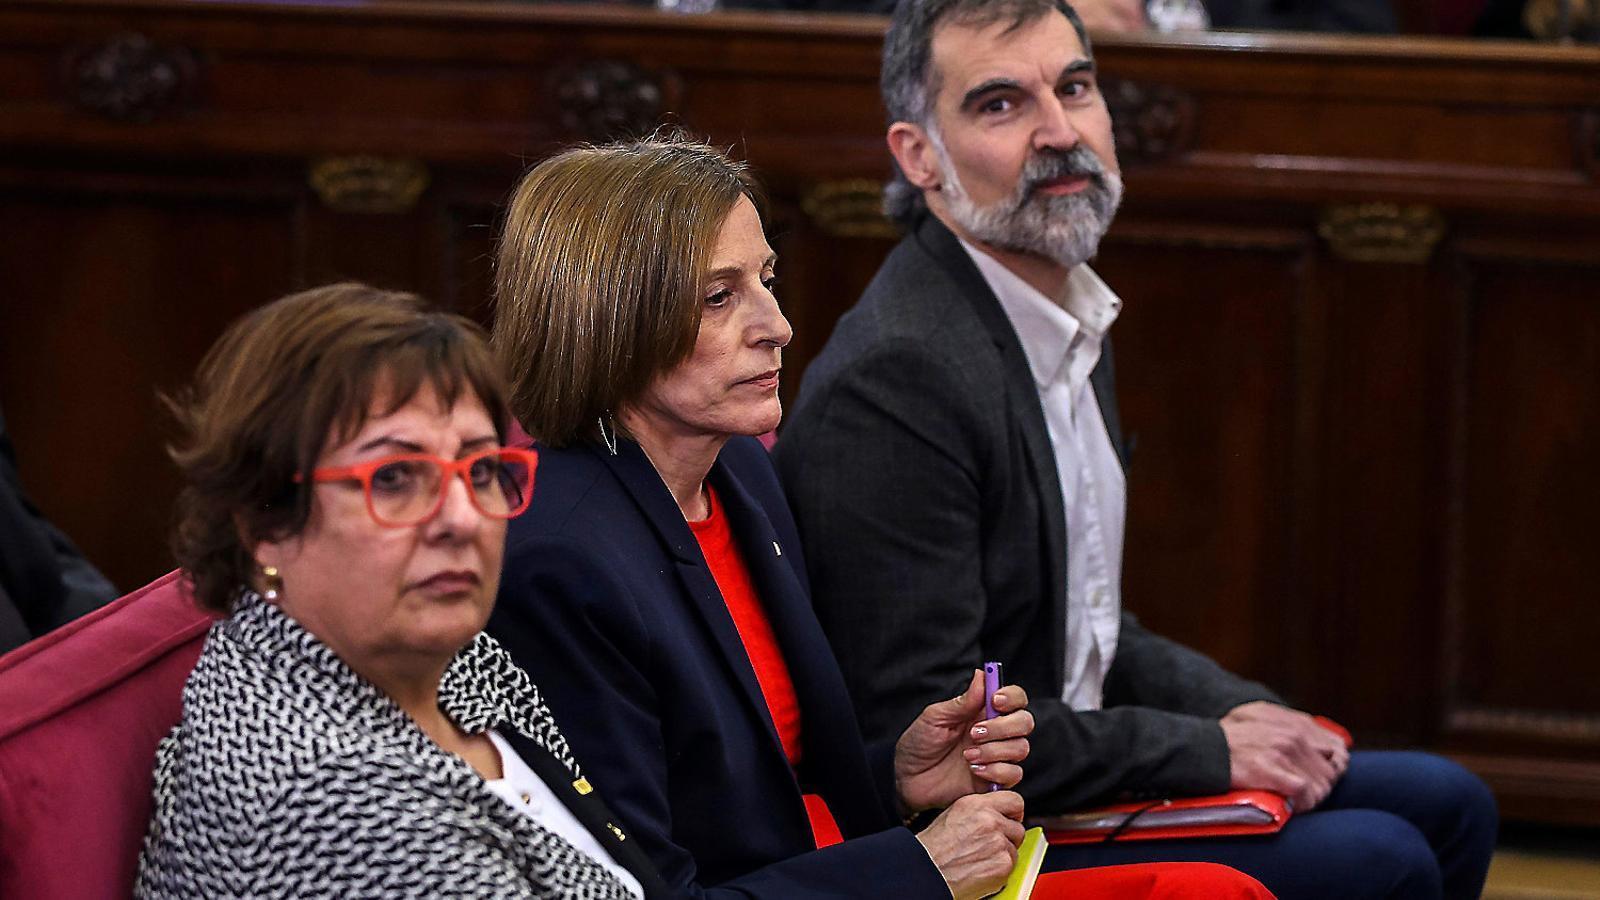 L'Estat començarà a tramitar els indults als presos polítics la setmana que ve